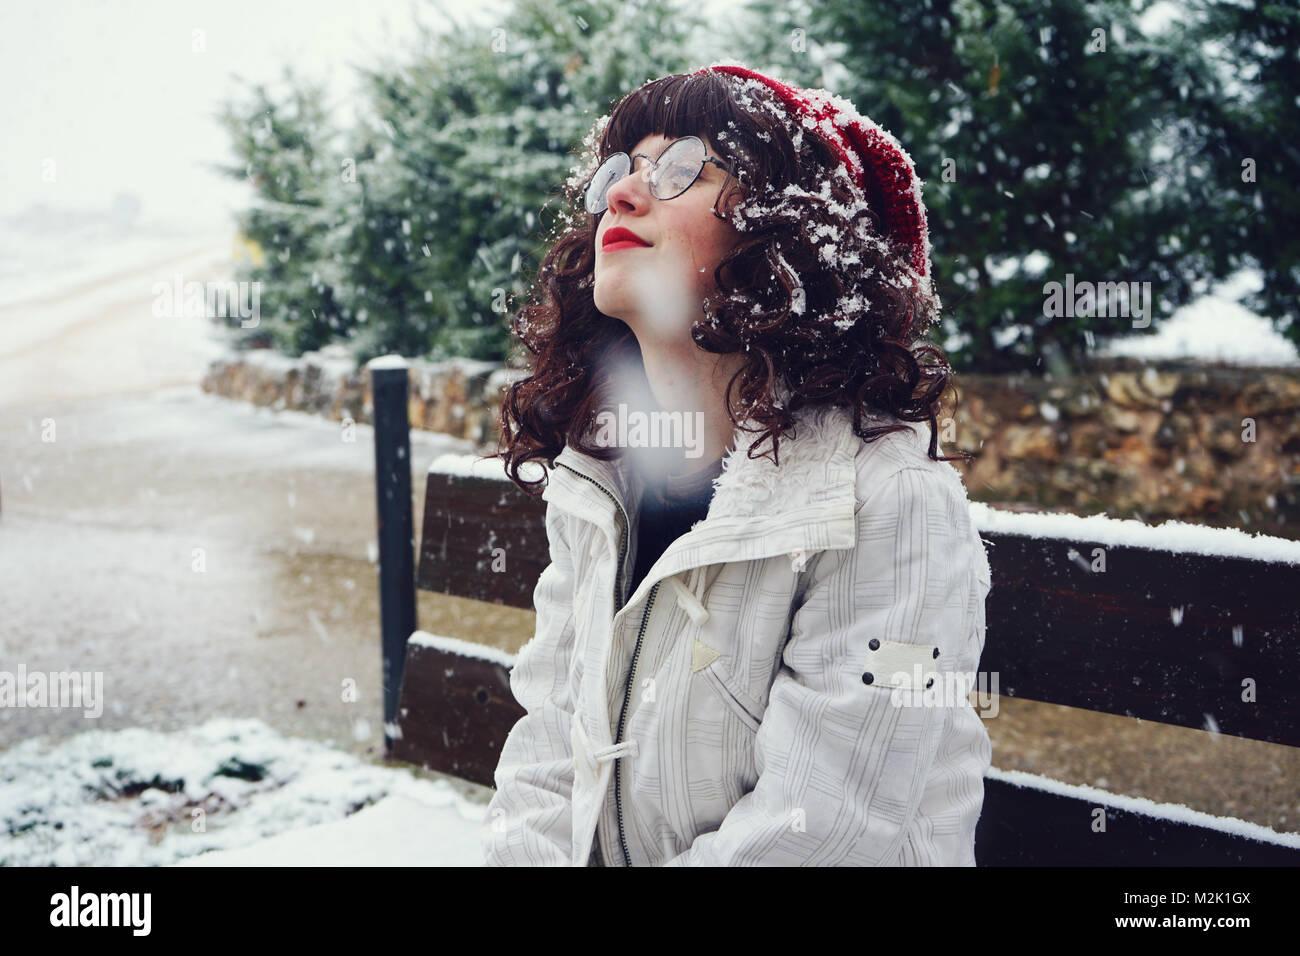 Jeune femme bénéficiant d'un jour de neige Photo Stock